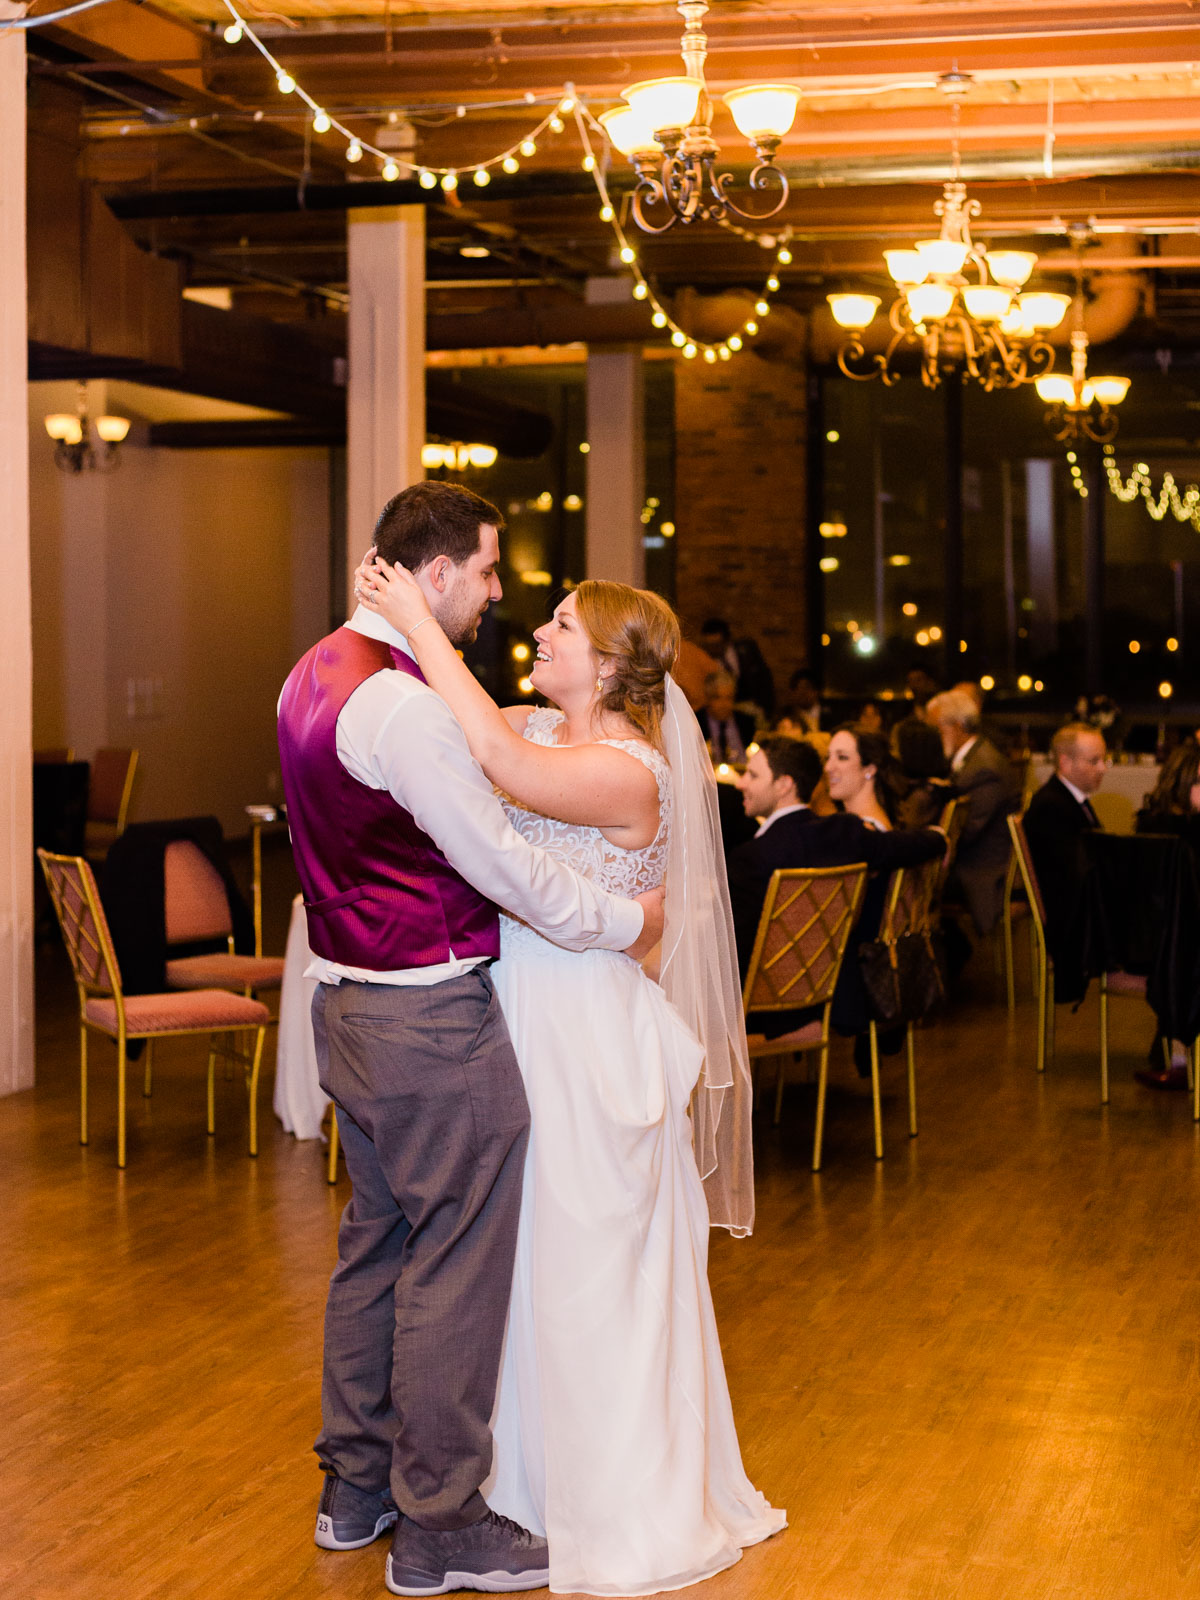 fall-ariel-international-wedding-photos-by-matt-erickson-photography-22.jpg